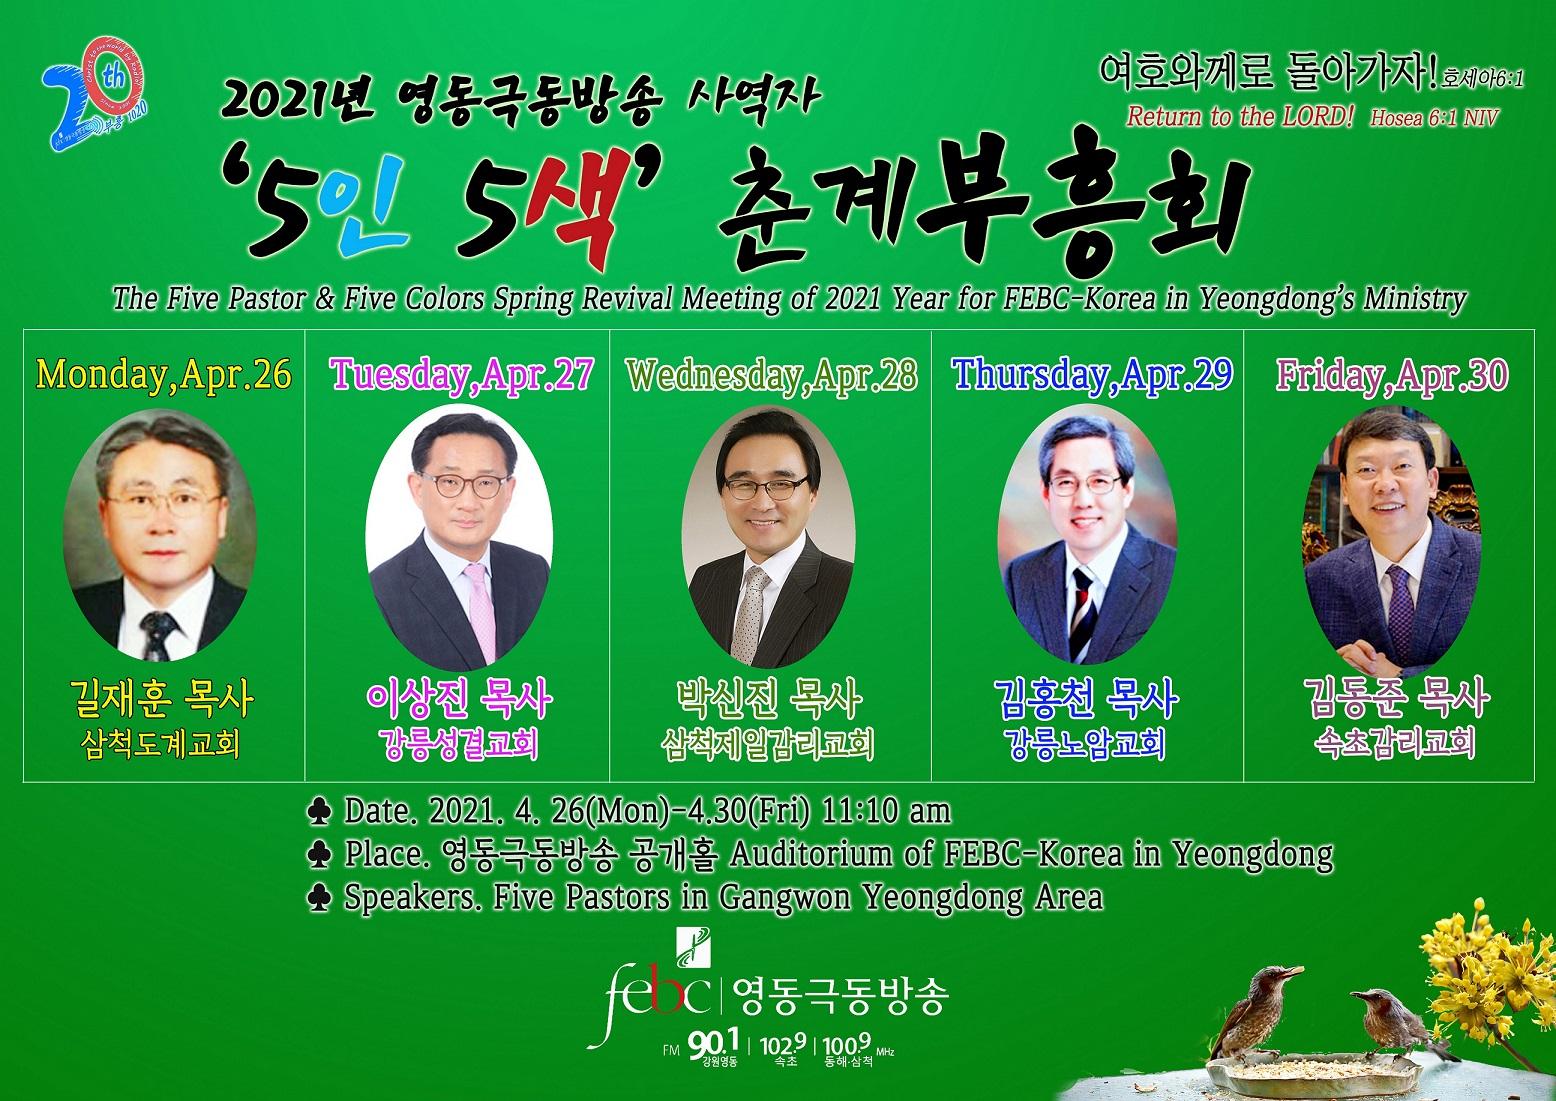 모바일포스터 2021 5인5색춘계부흥회12 복사.jpg